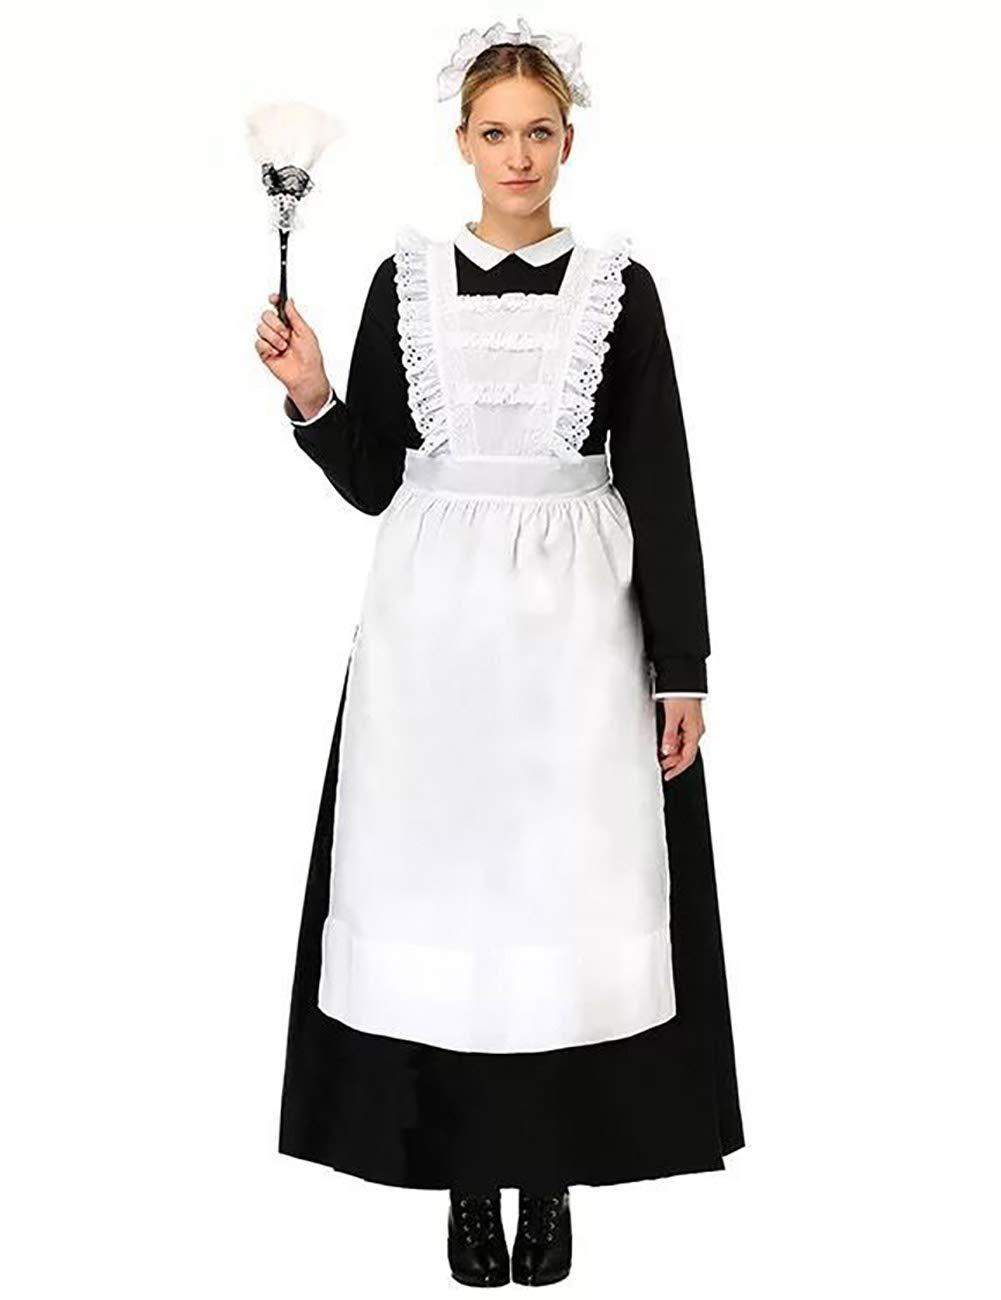 ShiyiUP Vintage Dienstmädchen Kostüm Maid Schürze Kleid Damen Lolita Kleider für Halloween Obtoberfest Karneval Party ,Damen 2 ,XXXL B07L9NXTQ3 Kostüme für Erwachsene Viele Stile | Discount